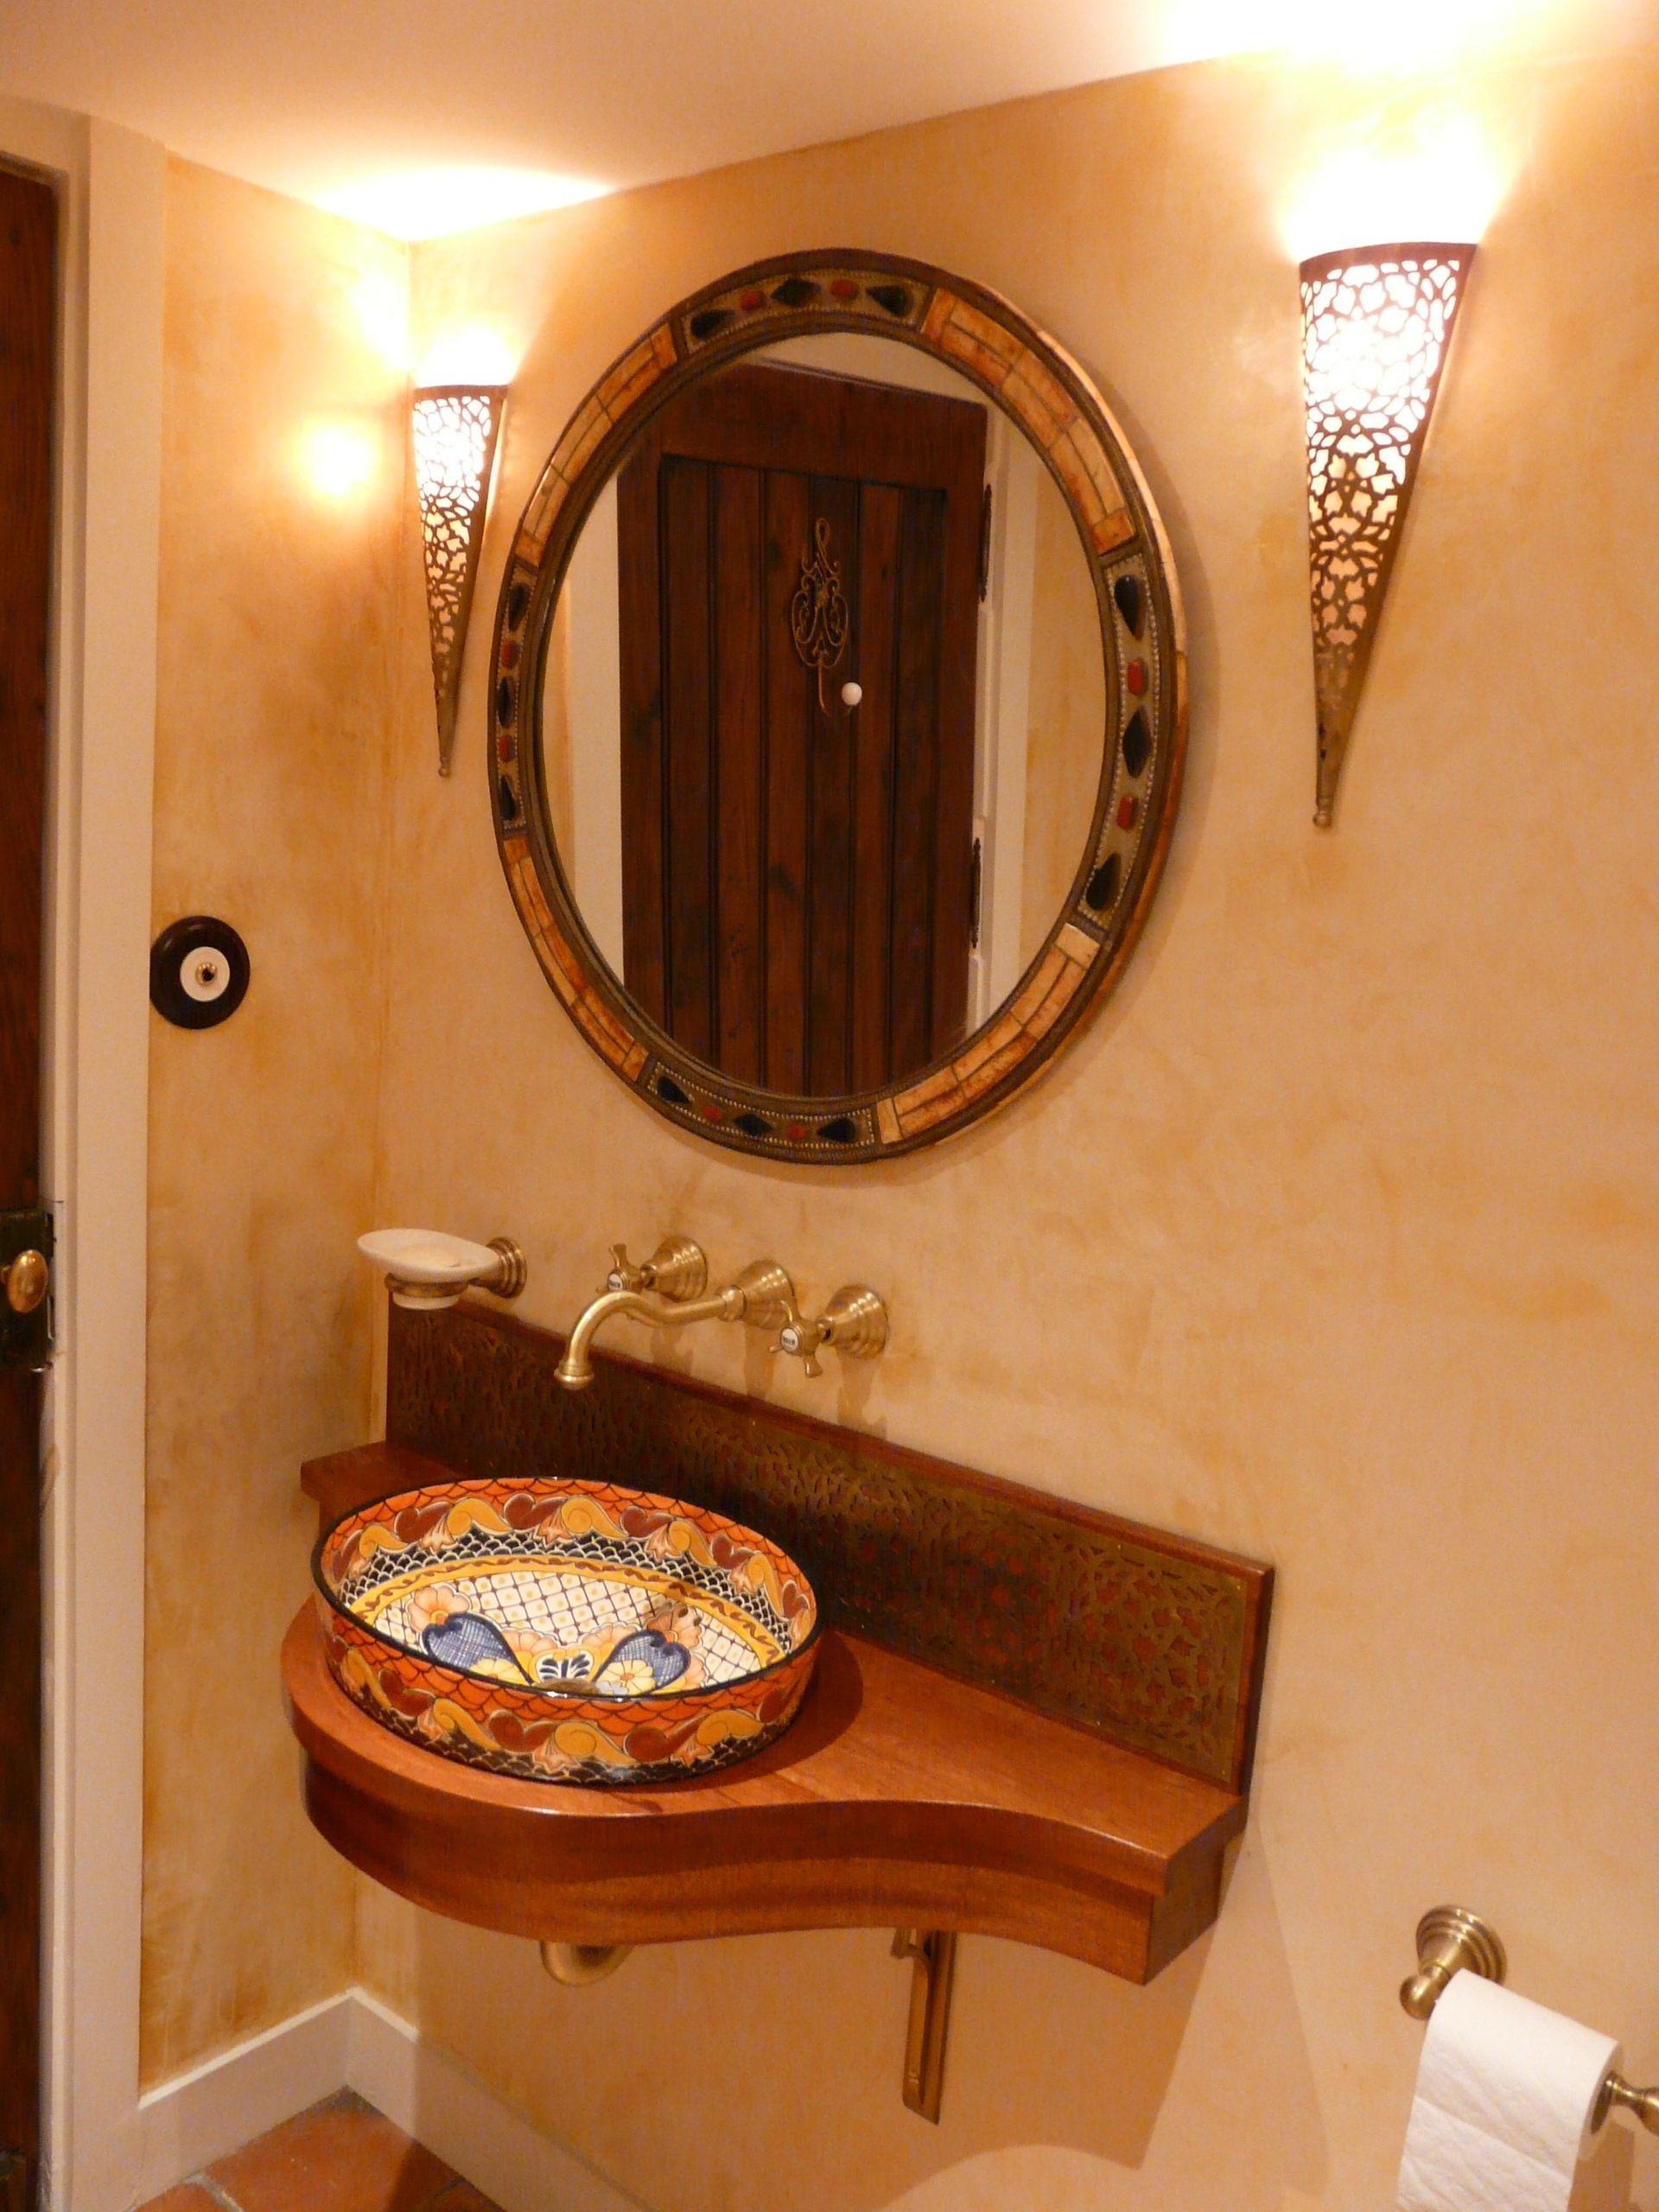 Uberlegen Mexikanische Waschbecken. Interesante Ideen Für Ein Modernes Bad. #Haus # Badezimmer #design